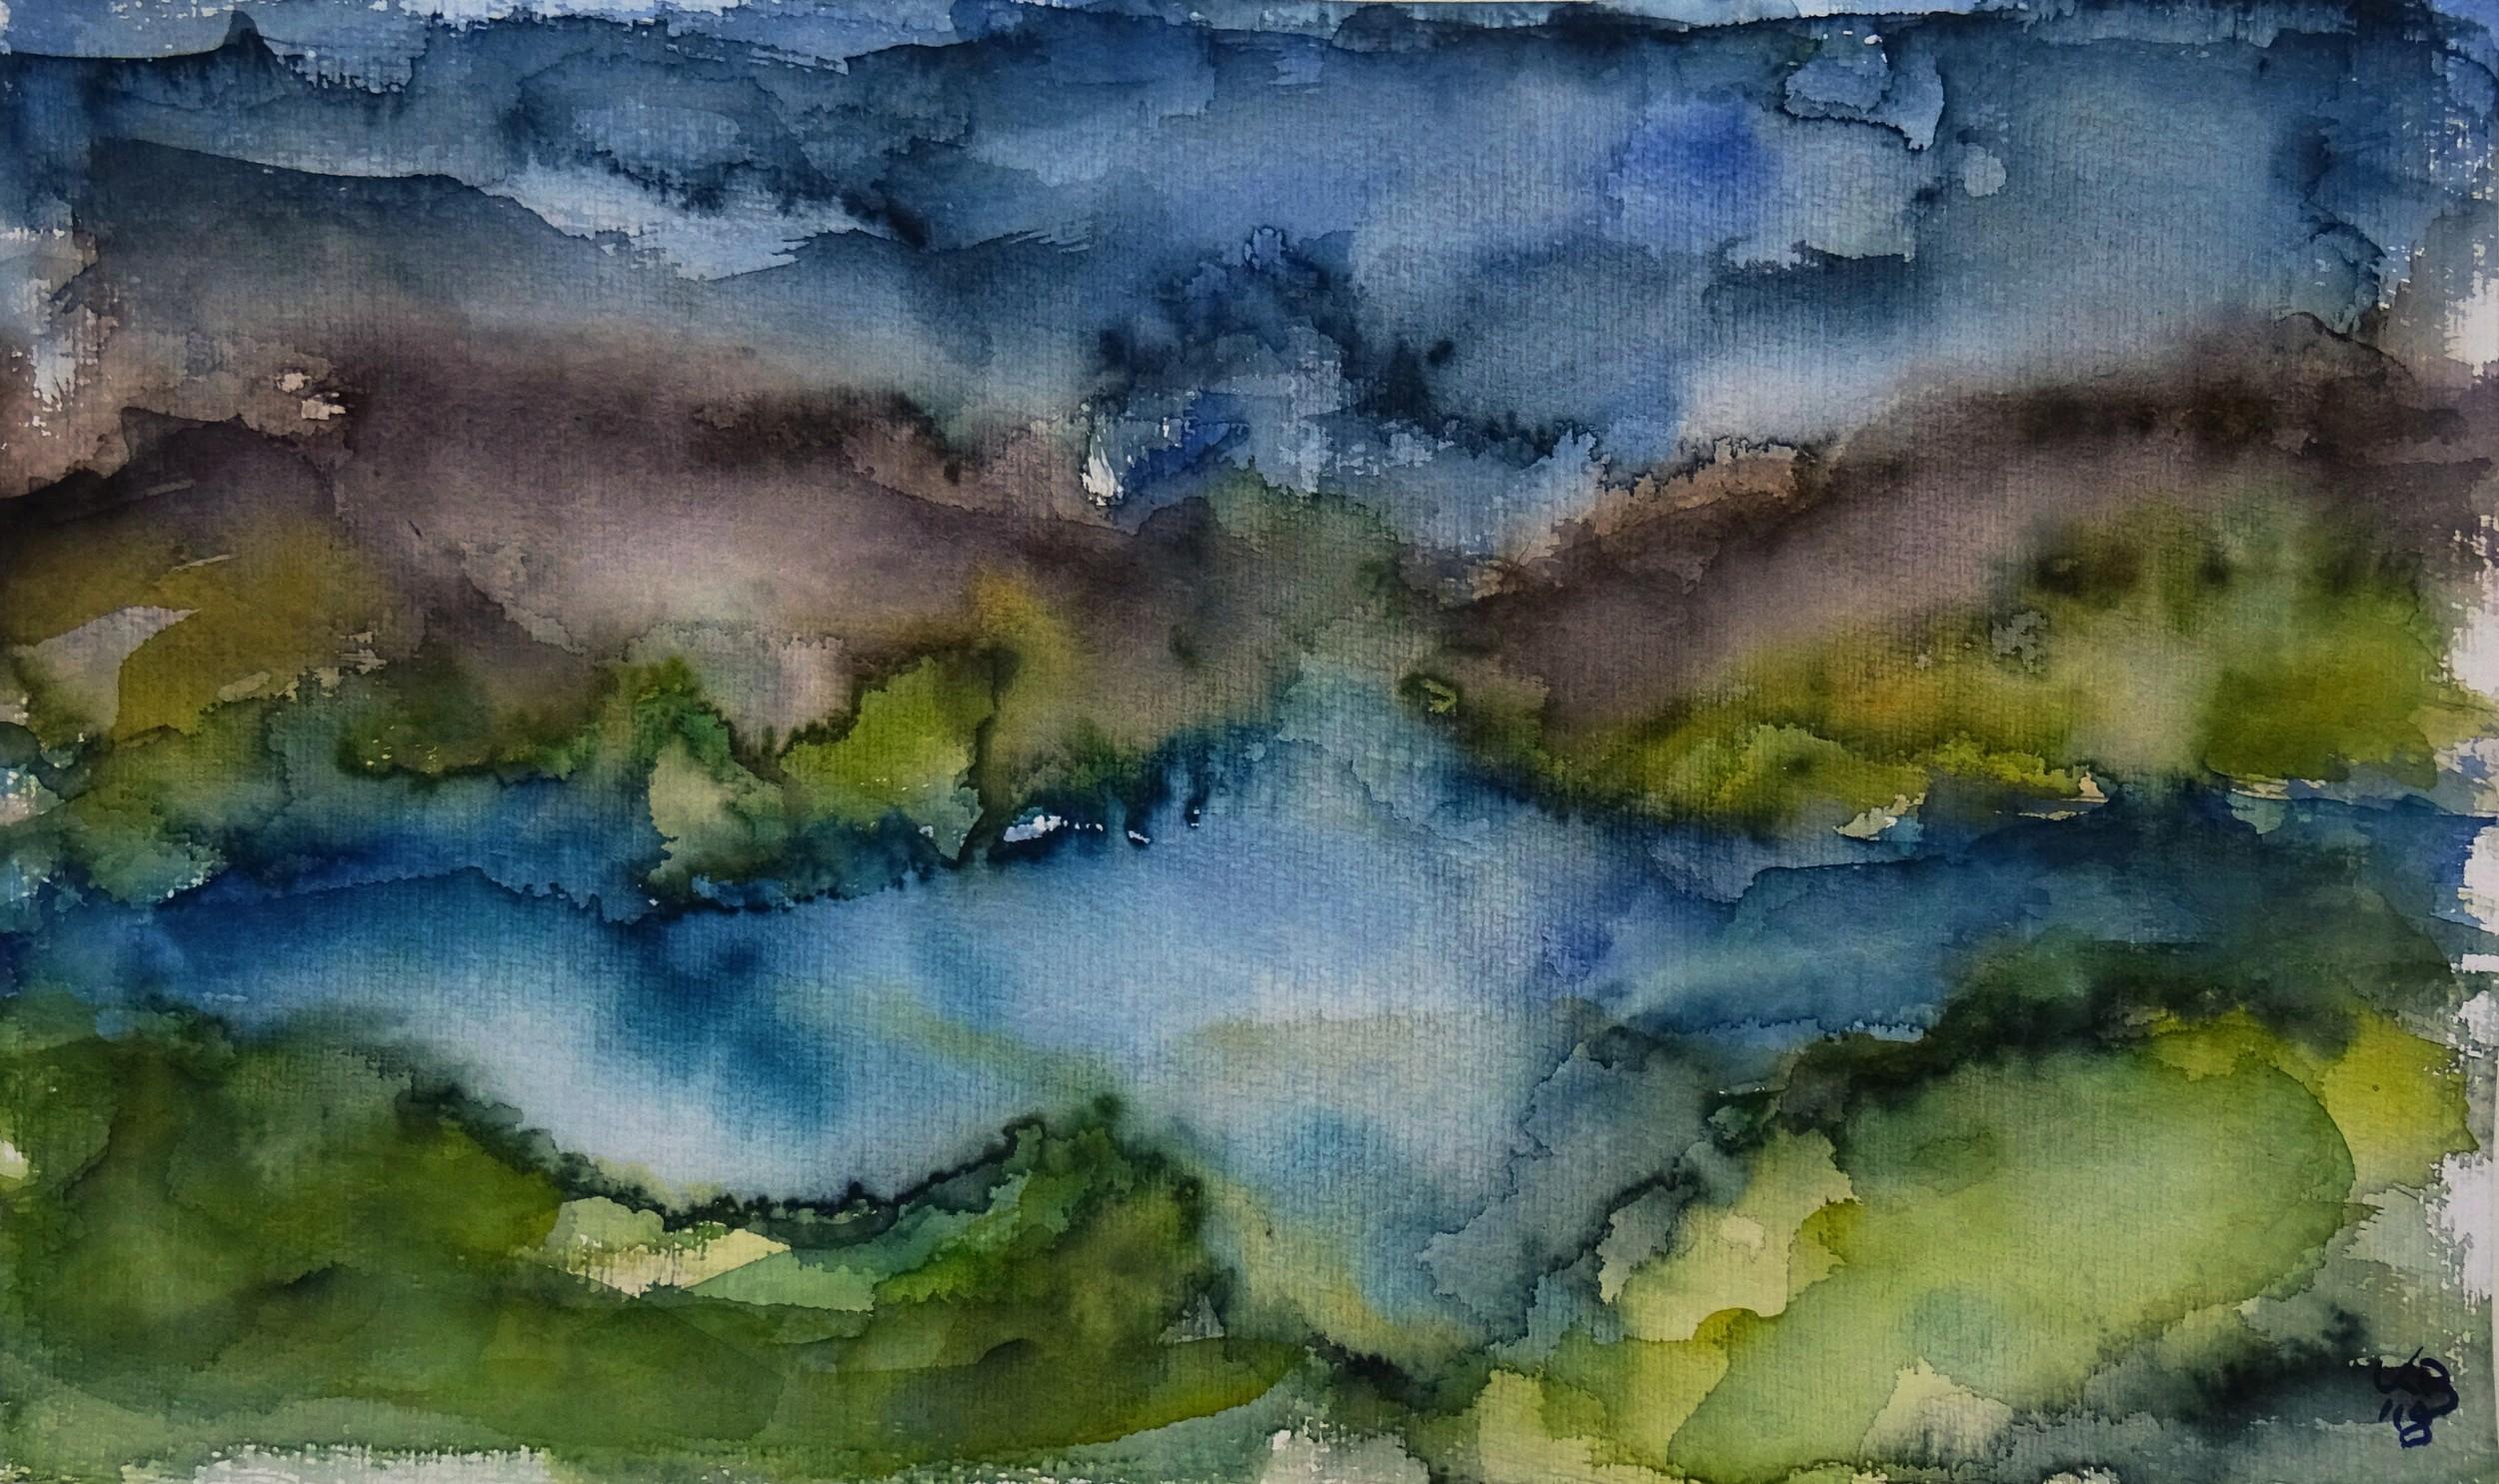 18-12-18_outer_hebrides_north_harris_Watercolour_50_x_30_cm_©2018_by_Klaus_Bölling.jpg